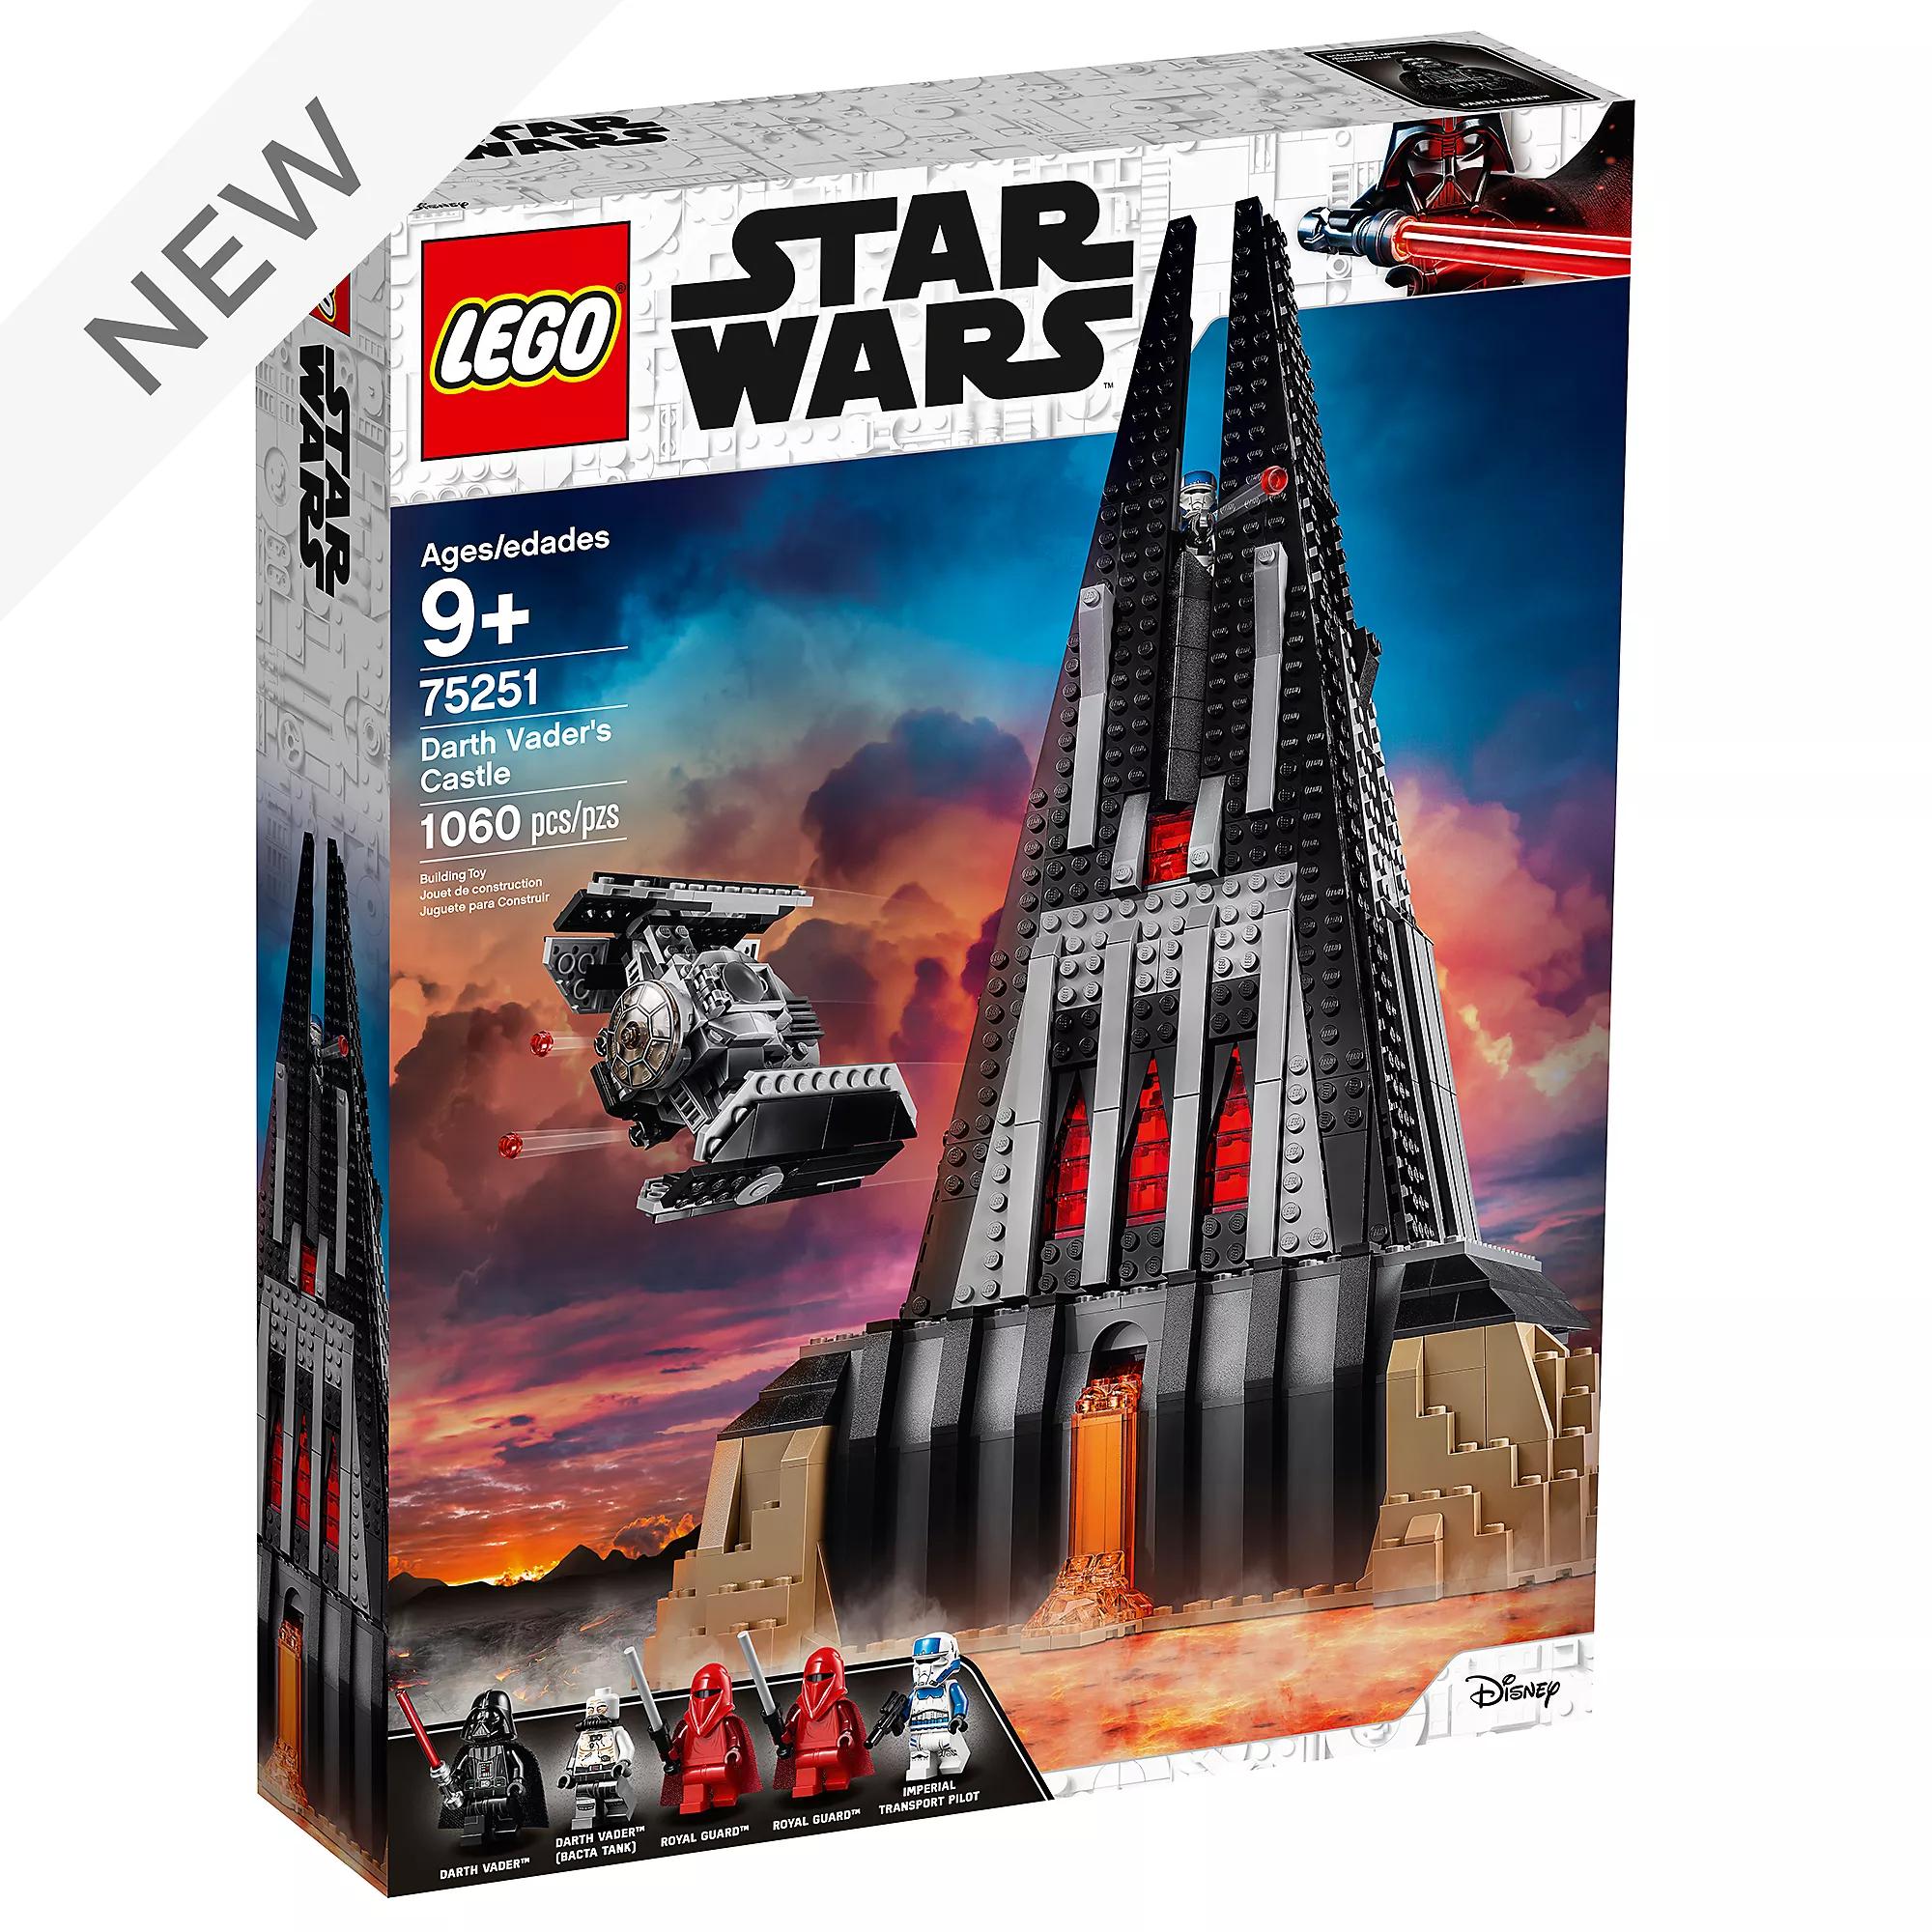 LEGO Star Wars Darth Vader's Castle Set 75251 - £95.99 at shopDisney